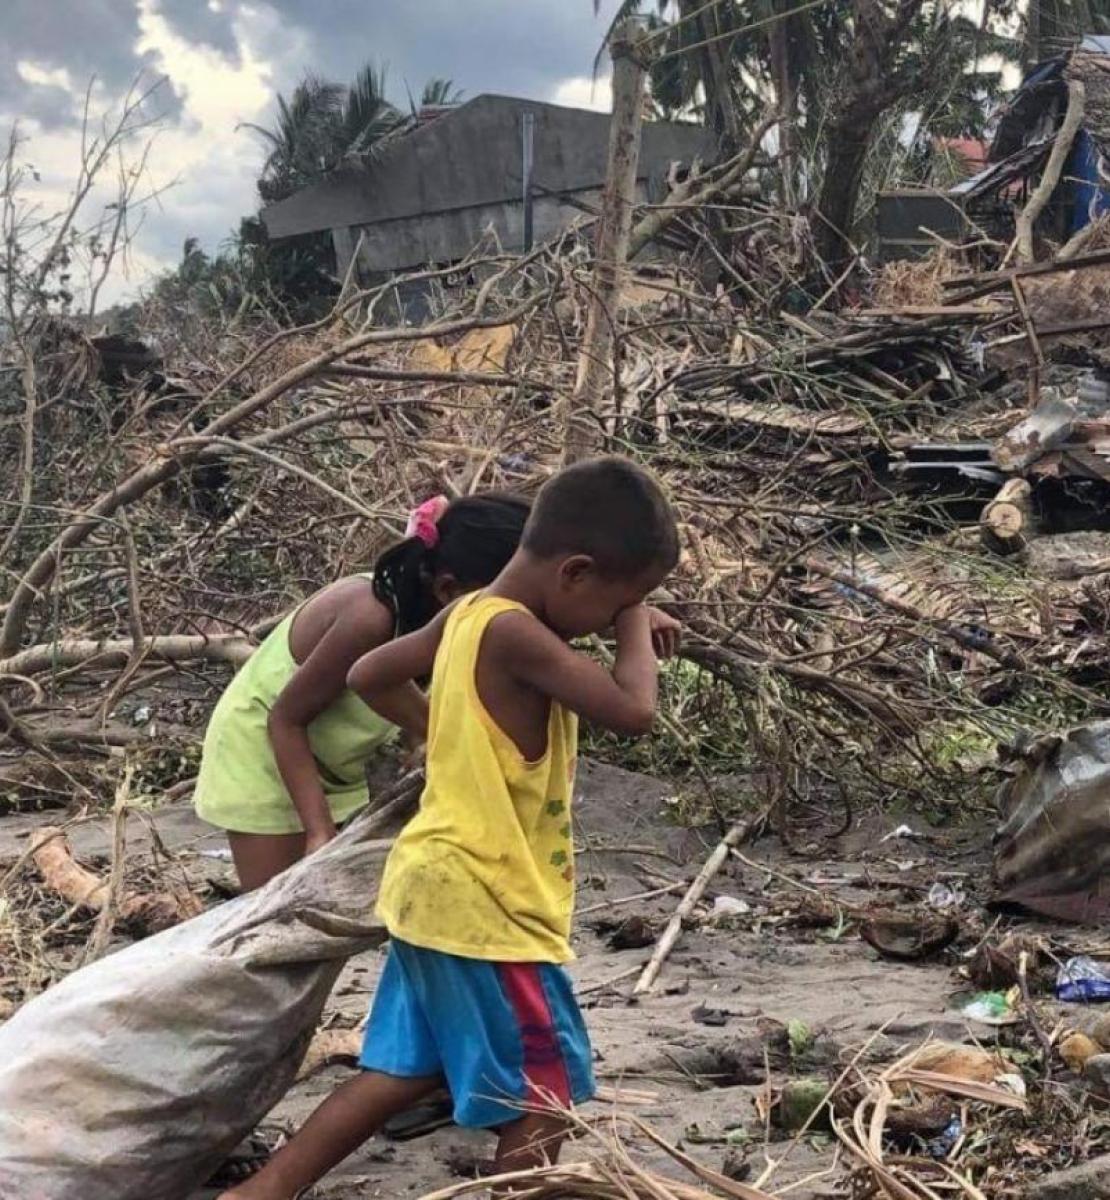 طفلان يمشيان ويجرّان كيسًا بالقرب من حطام منزل.